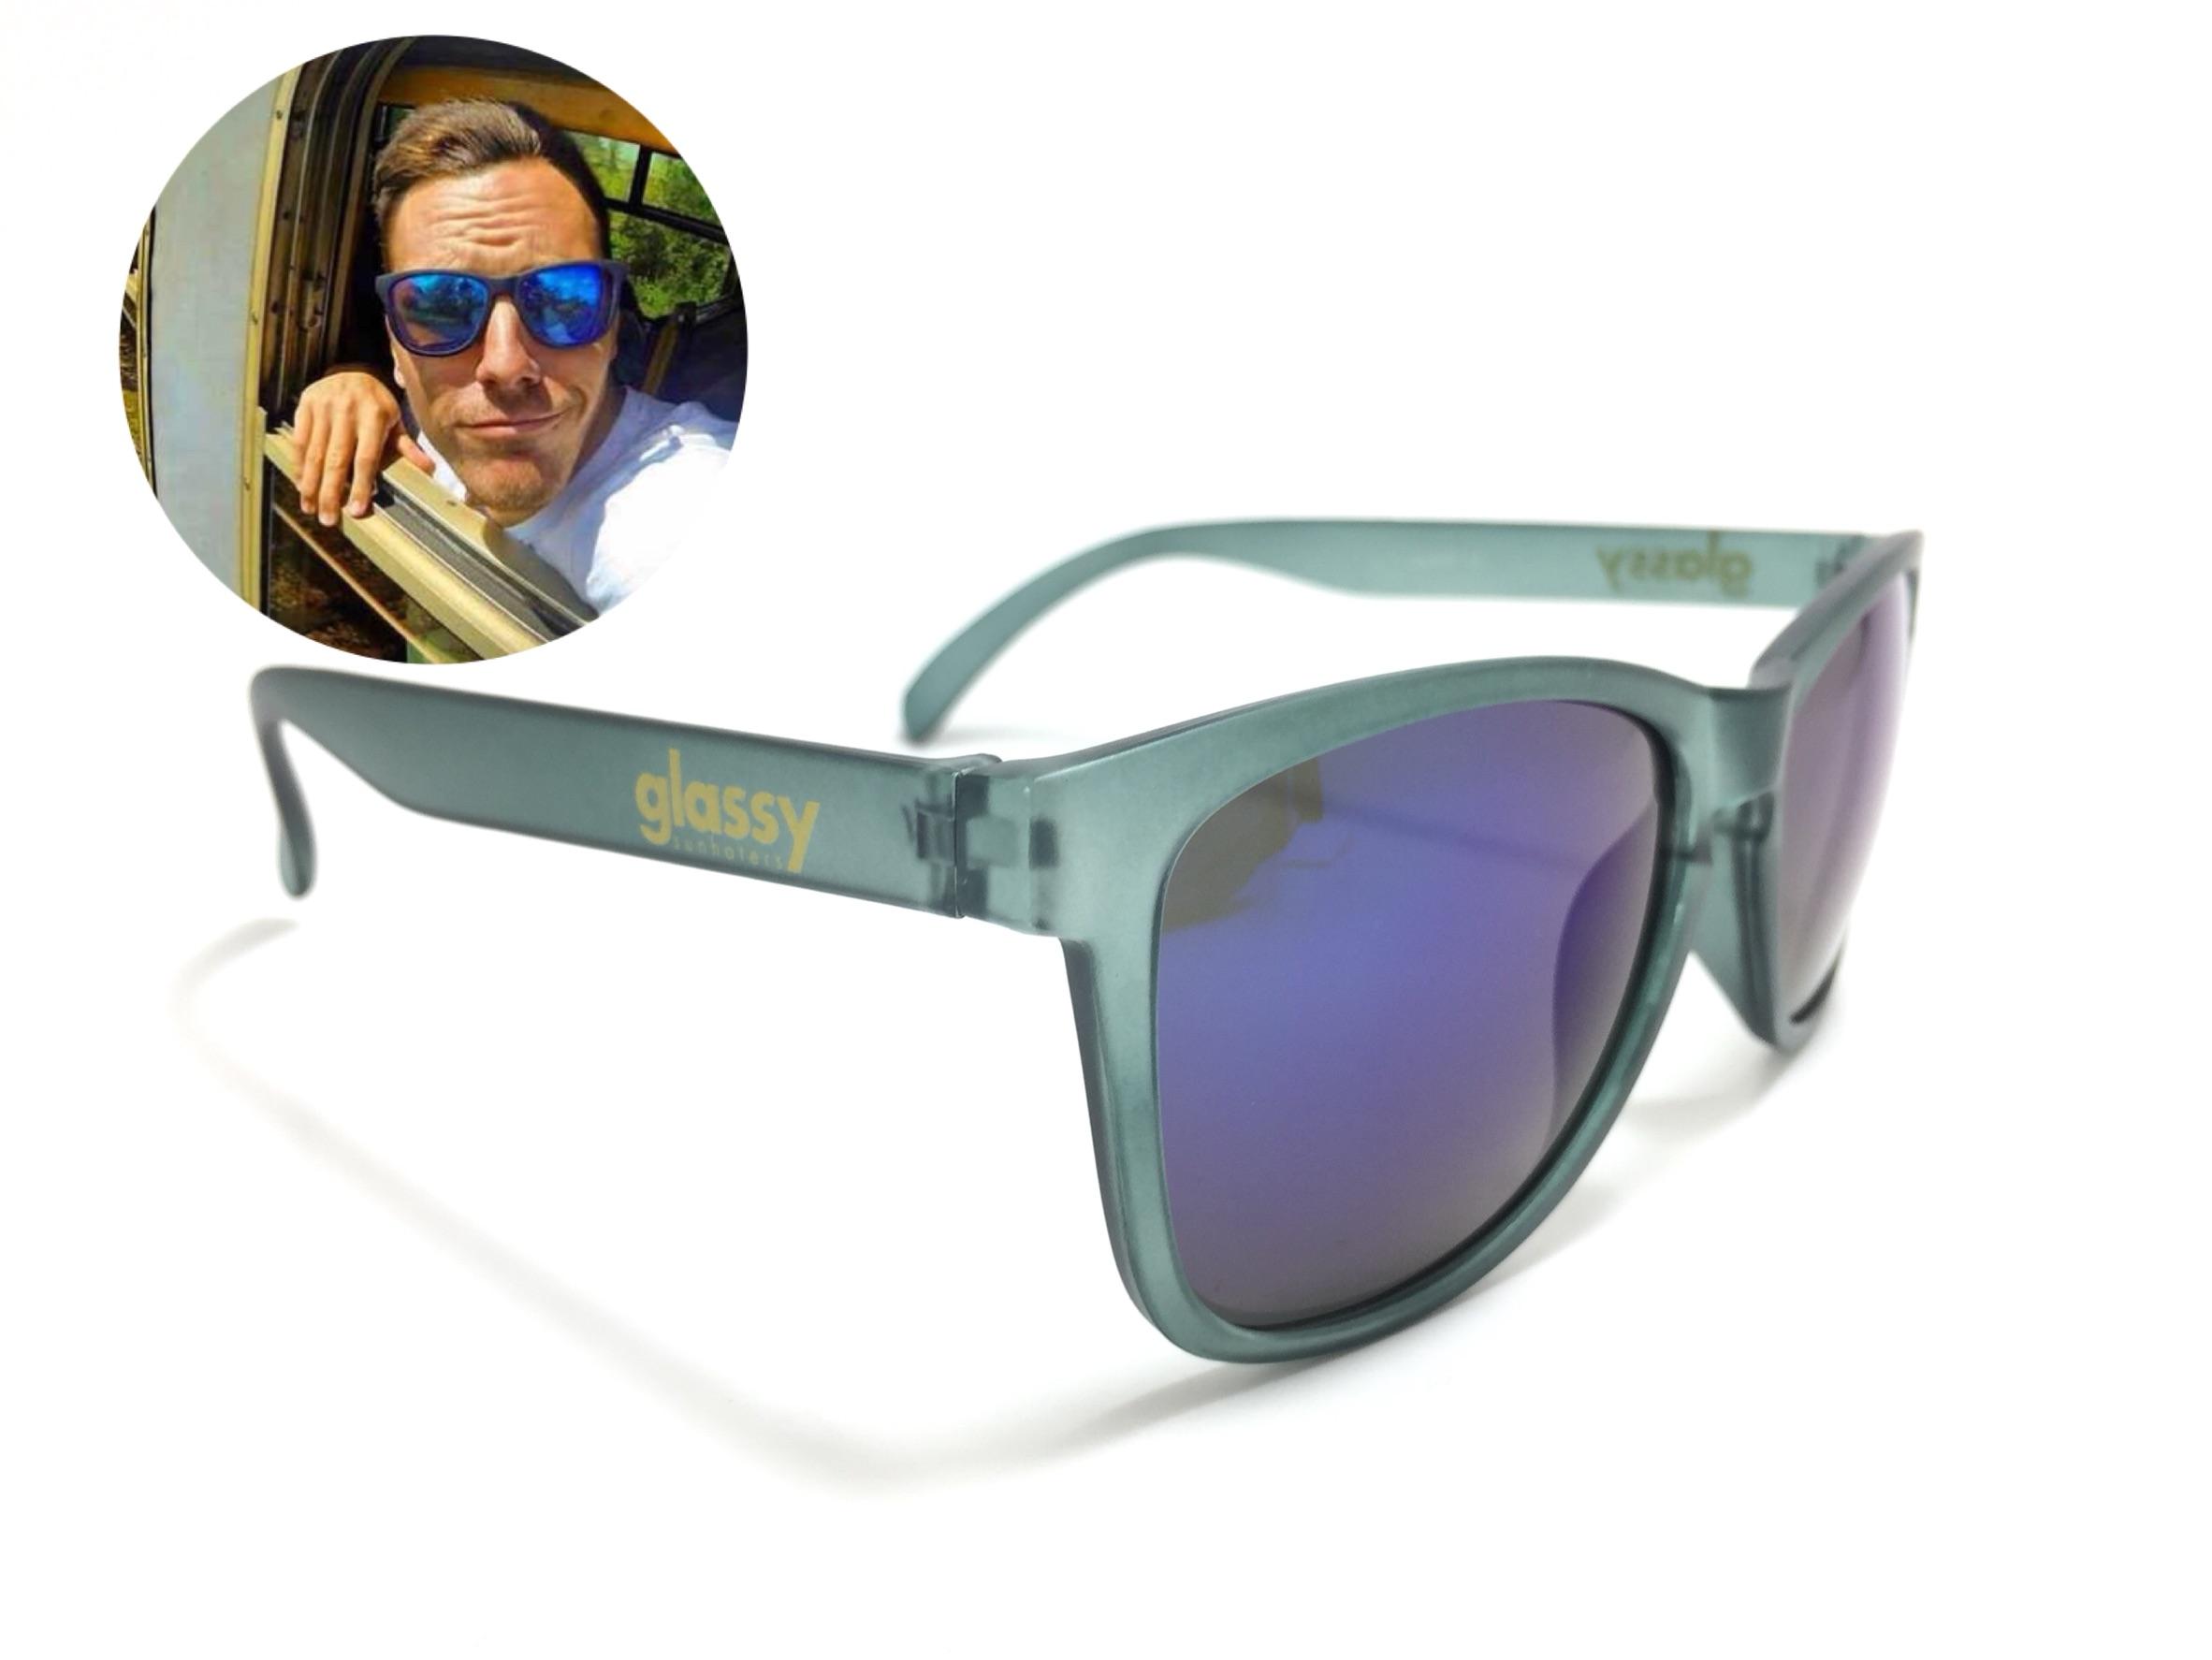 แว่นกันแดด Glassy Sunhaters Matte Grey/Blue Mirror 54-18 140 <ปรอทน้ำเงิน>